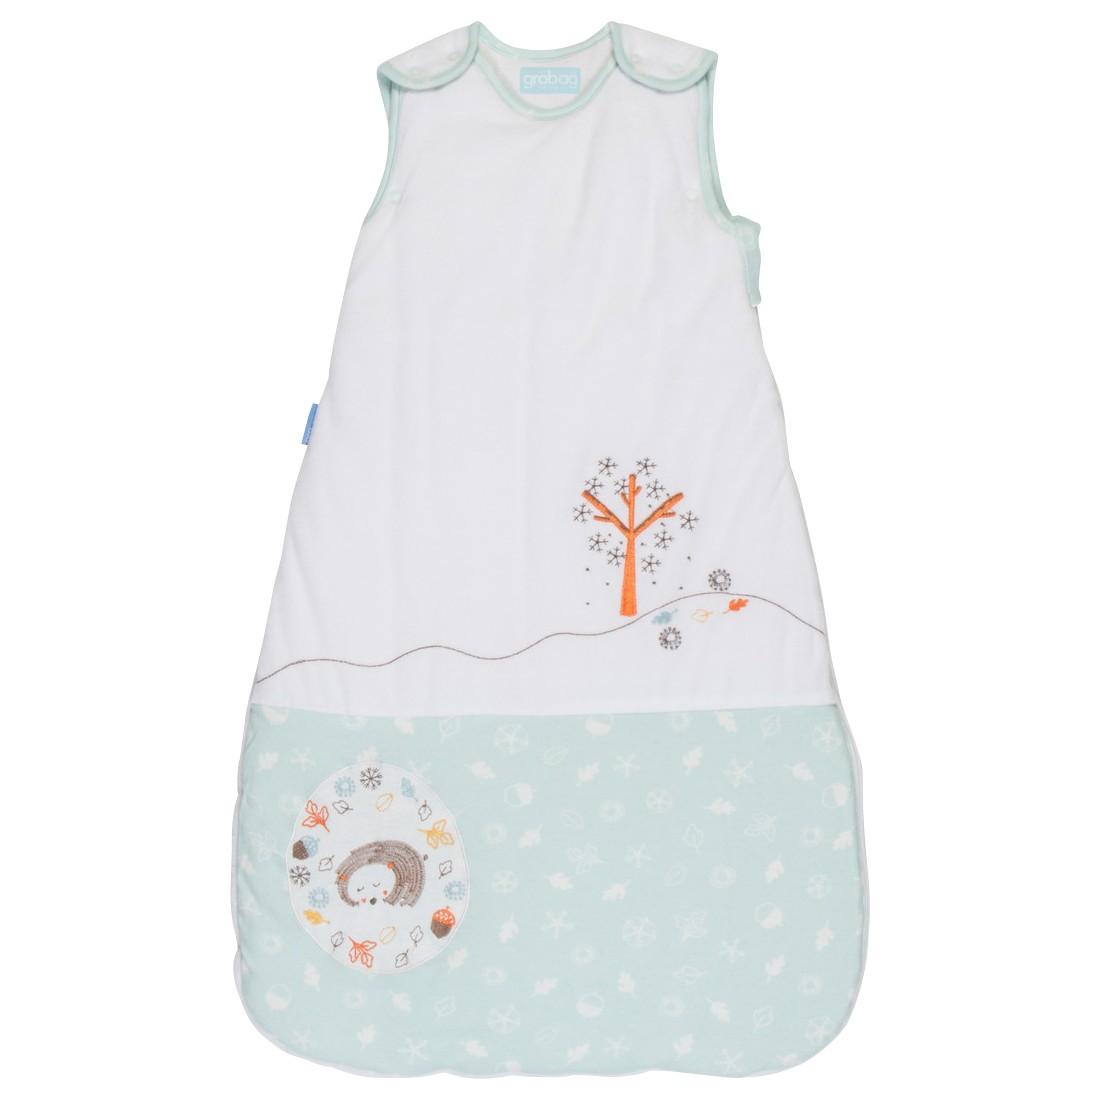 Grobag Baby Hibernate Sleep Bag